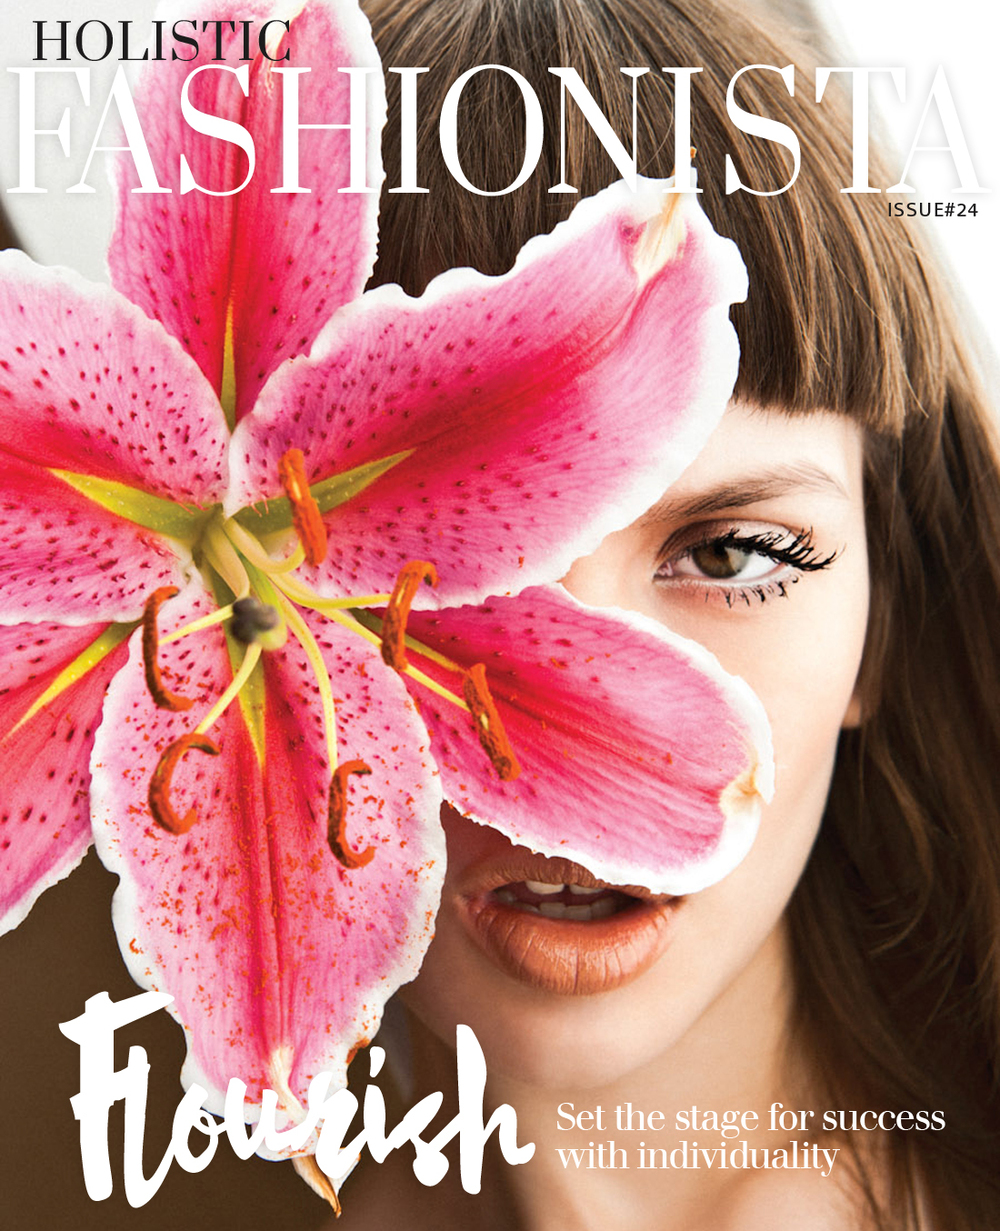 holisticfashionistamagazine